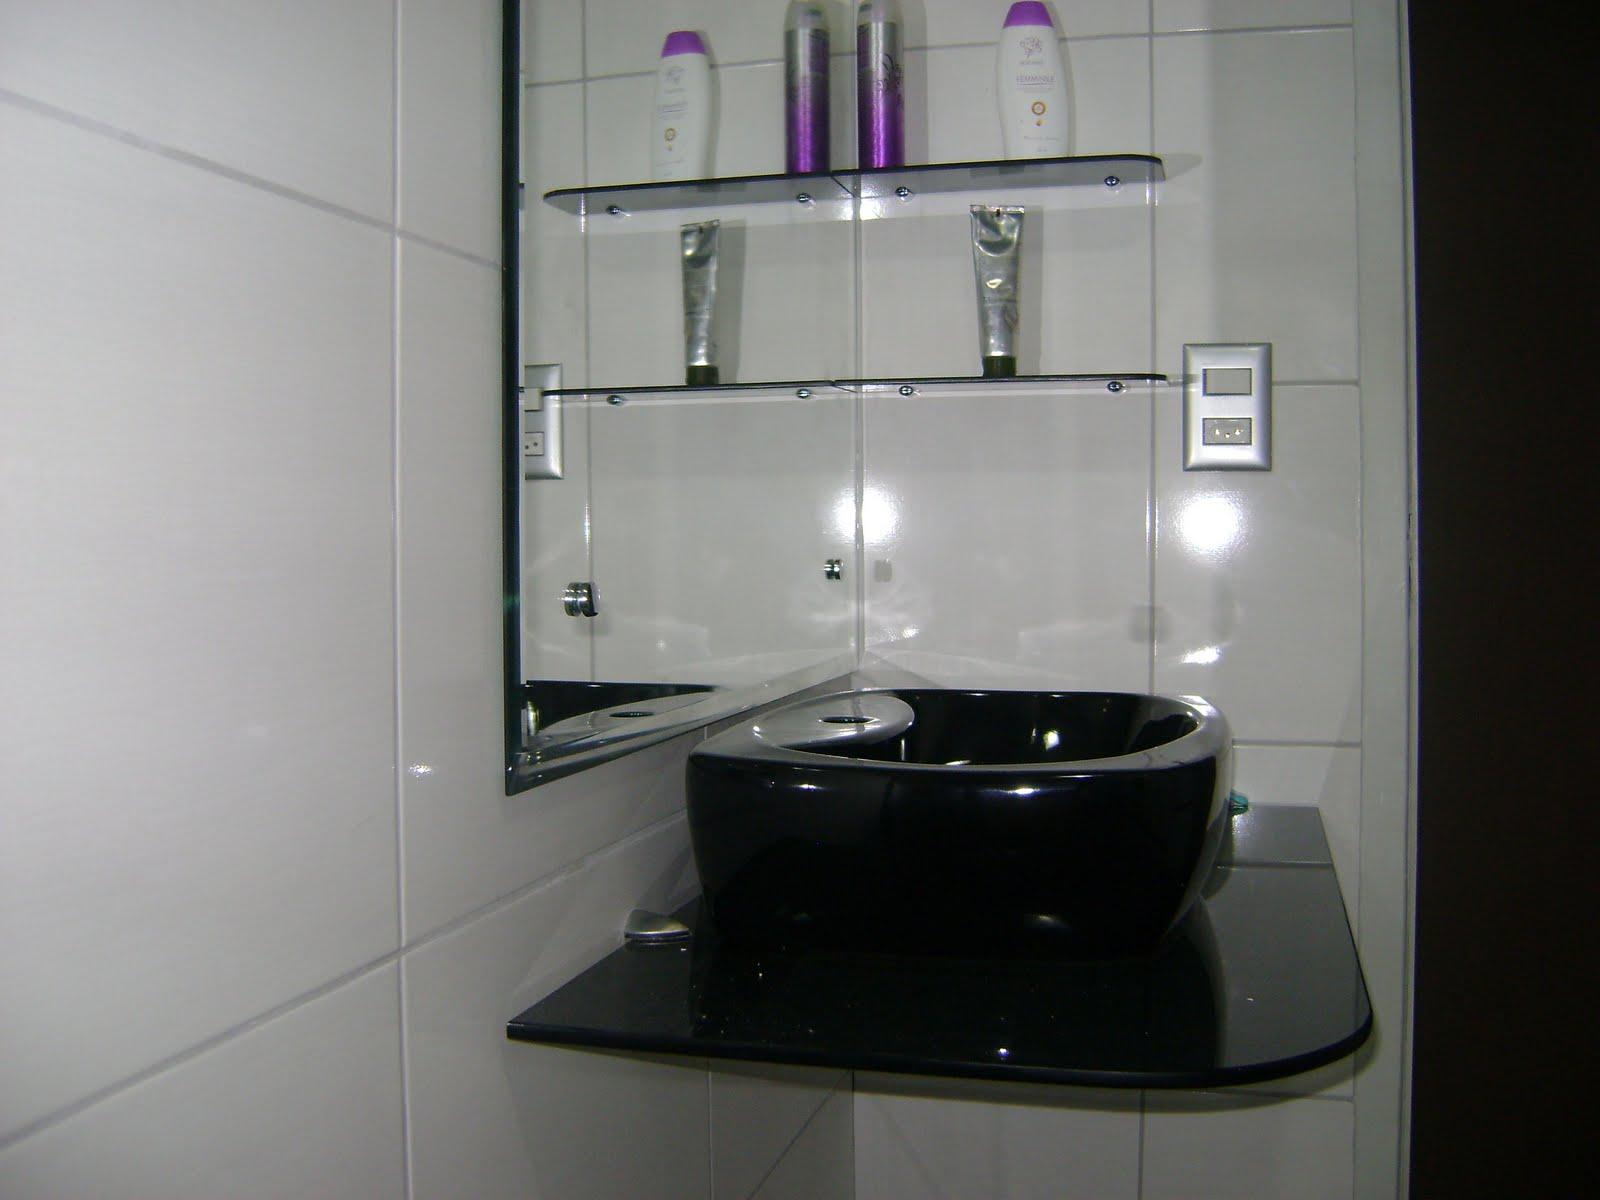 Imagens de #161715 Bazar do Alumínio: BOX BLINDEX PARA BANHEIRO CONFIRA NOSSOS  1600x1200 px 3514 Blindex De Banheiro Rj